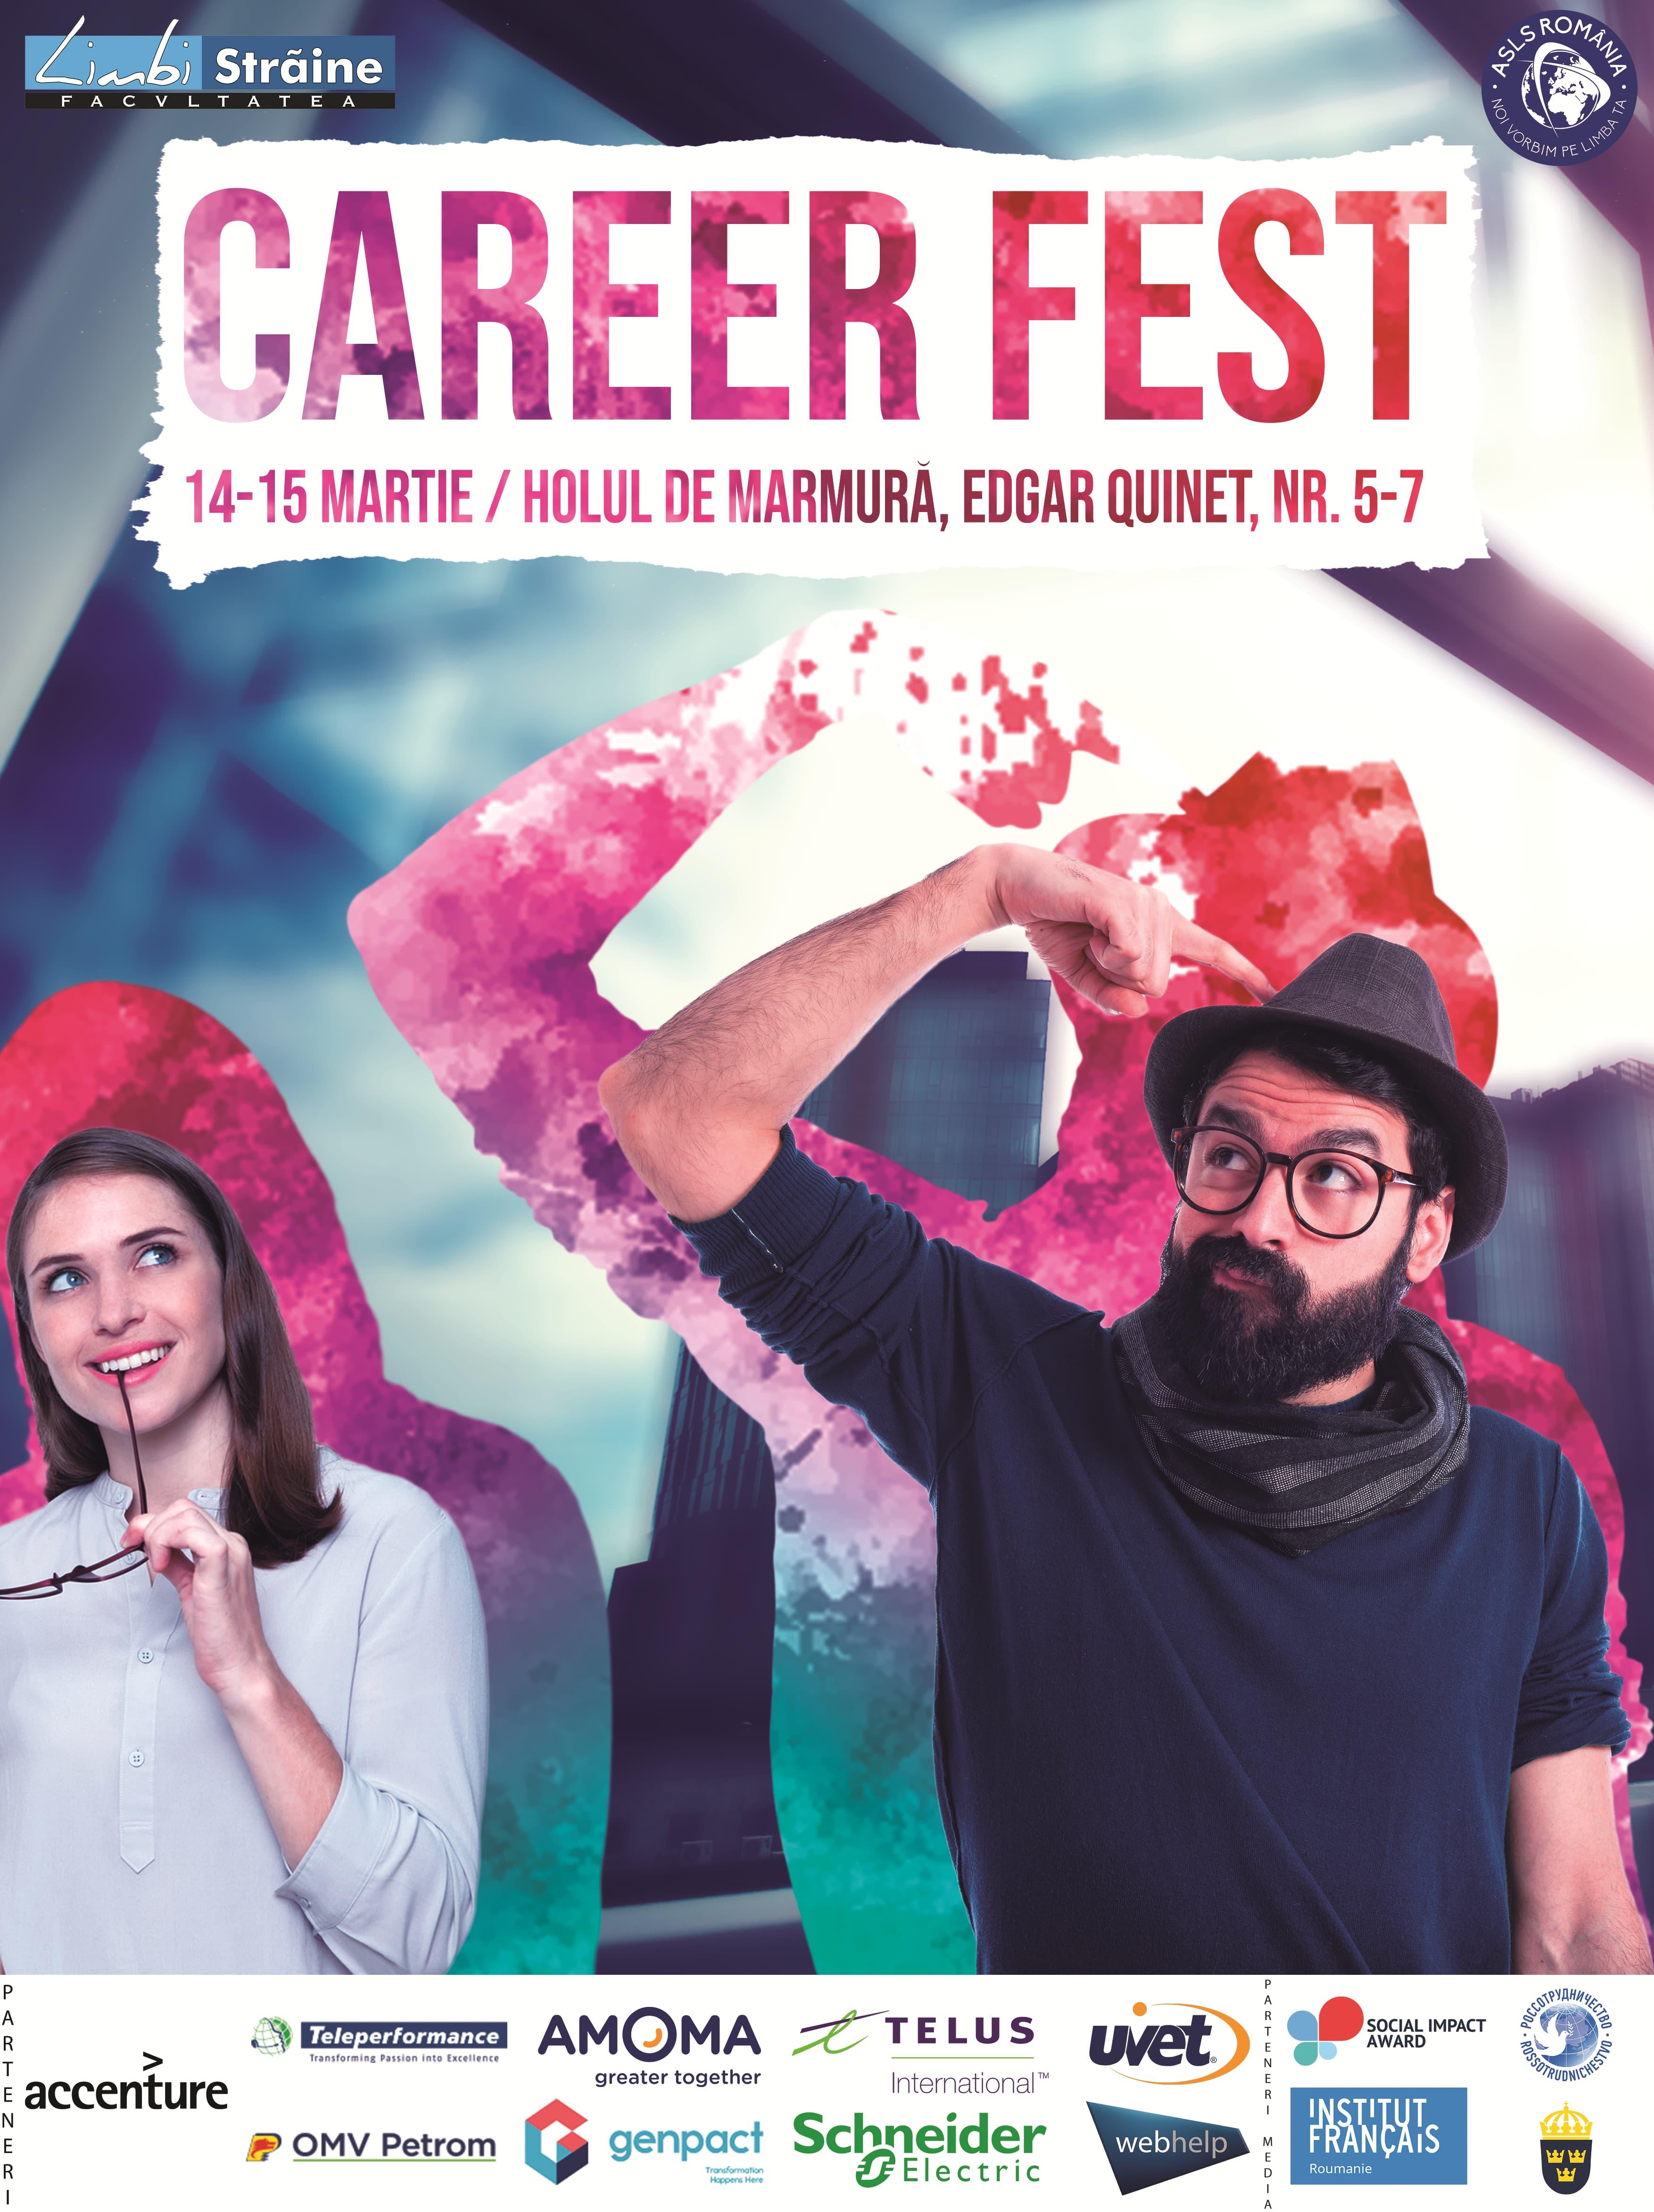 Career Fest 2018